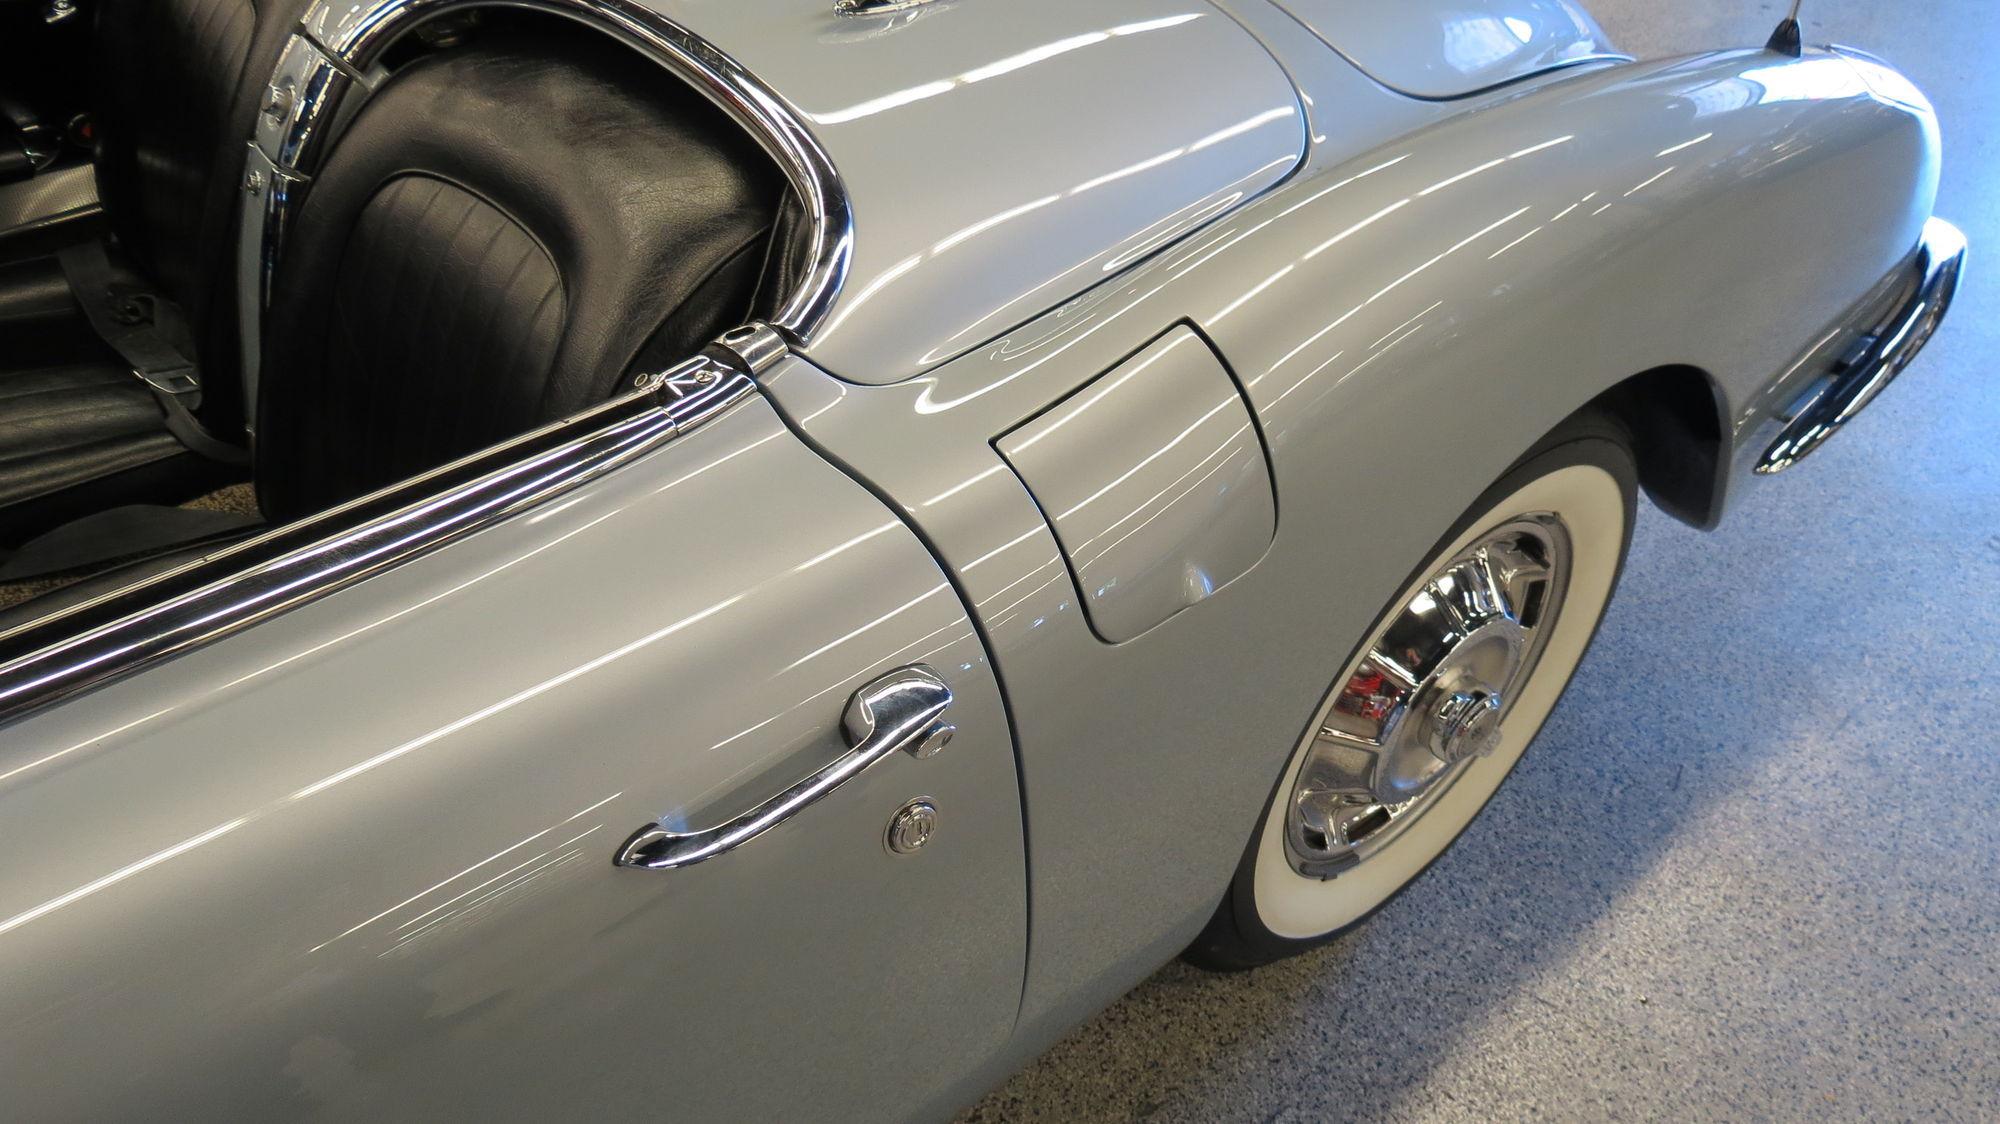 1960 Chevrolet Corvette | 1960 Corvette